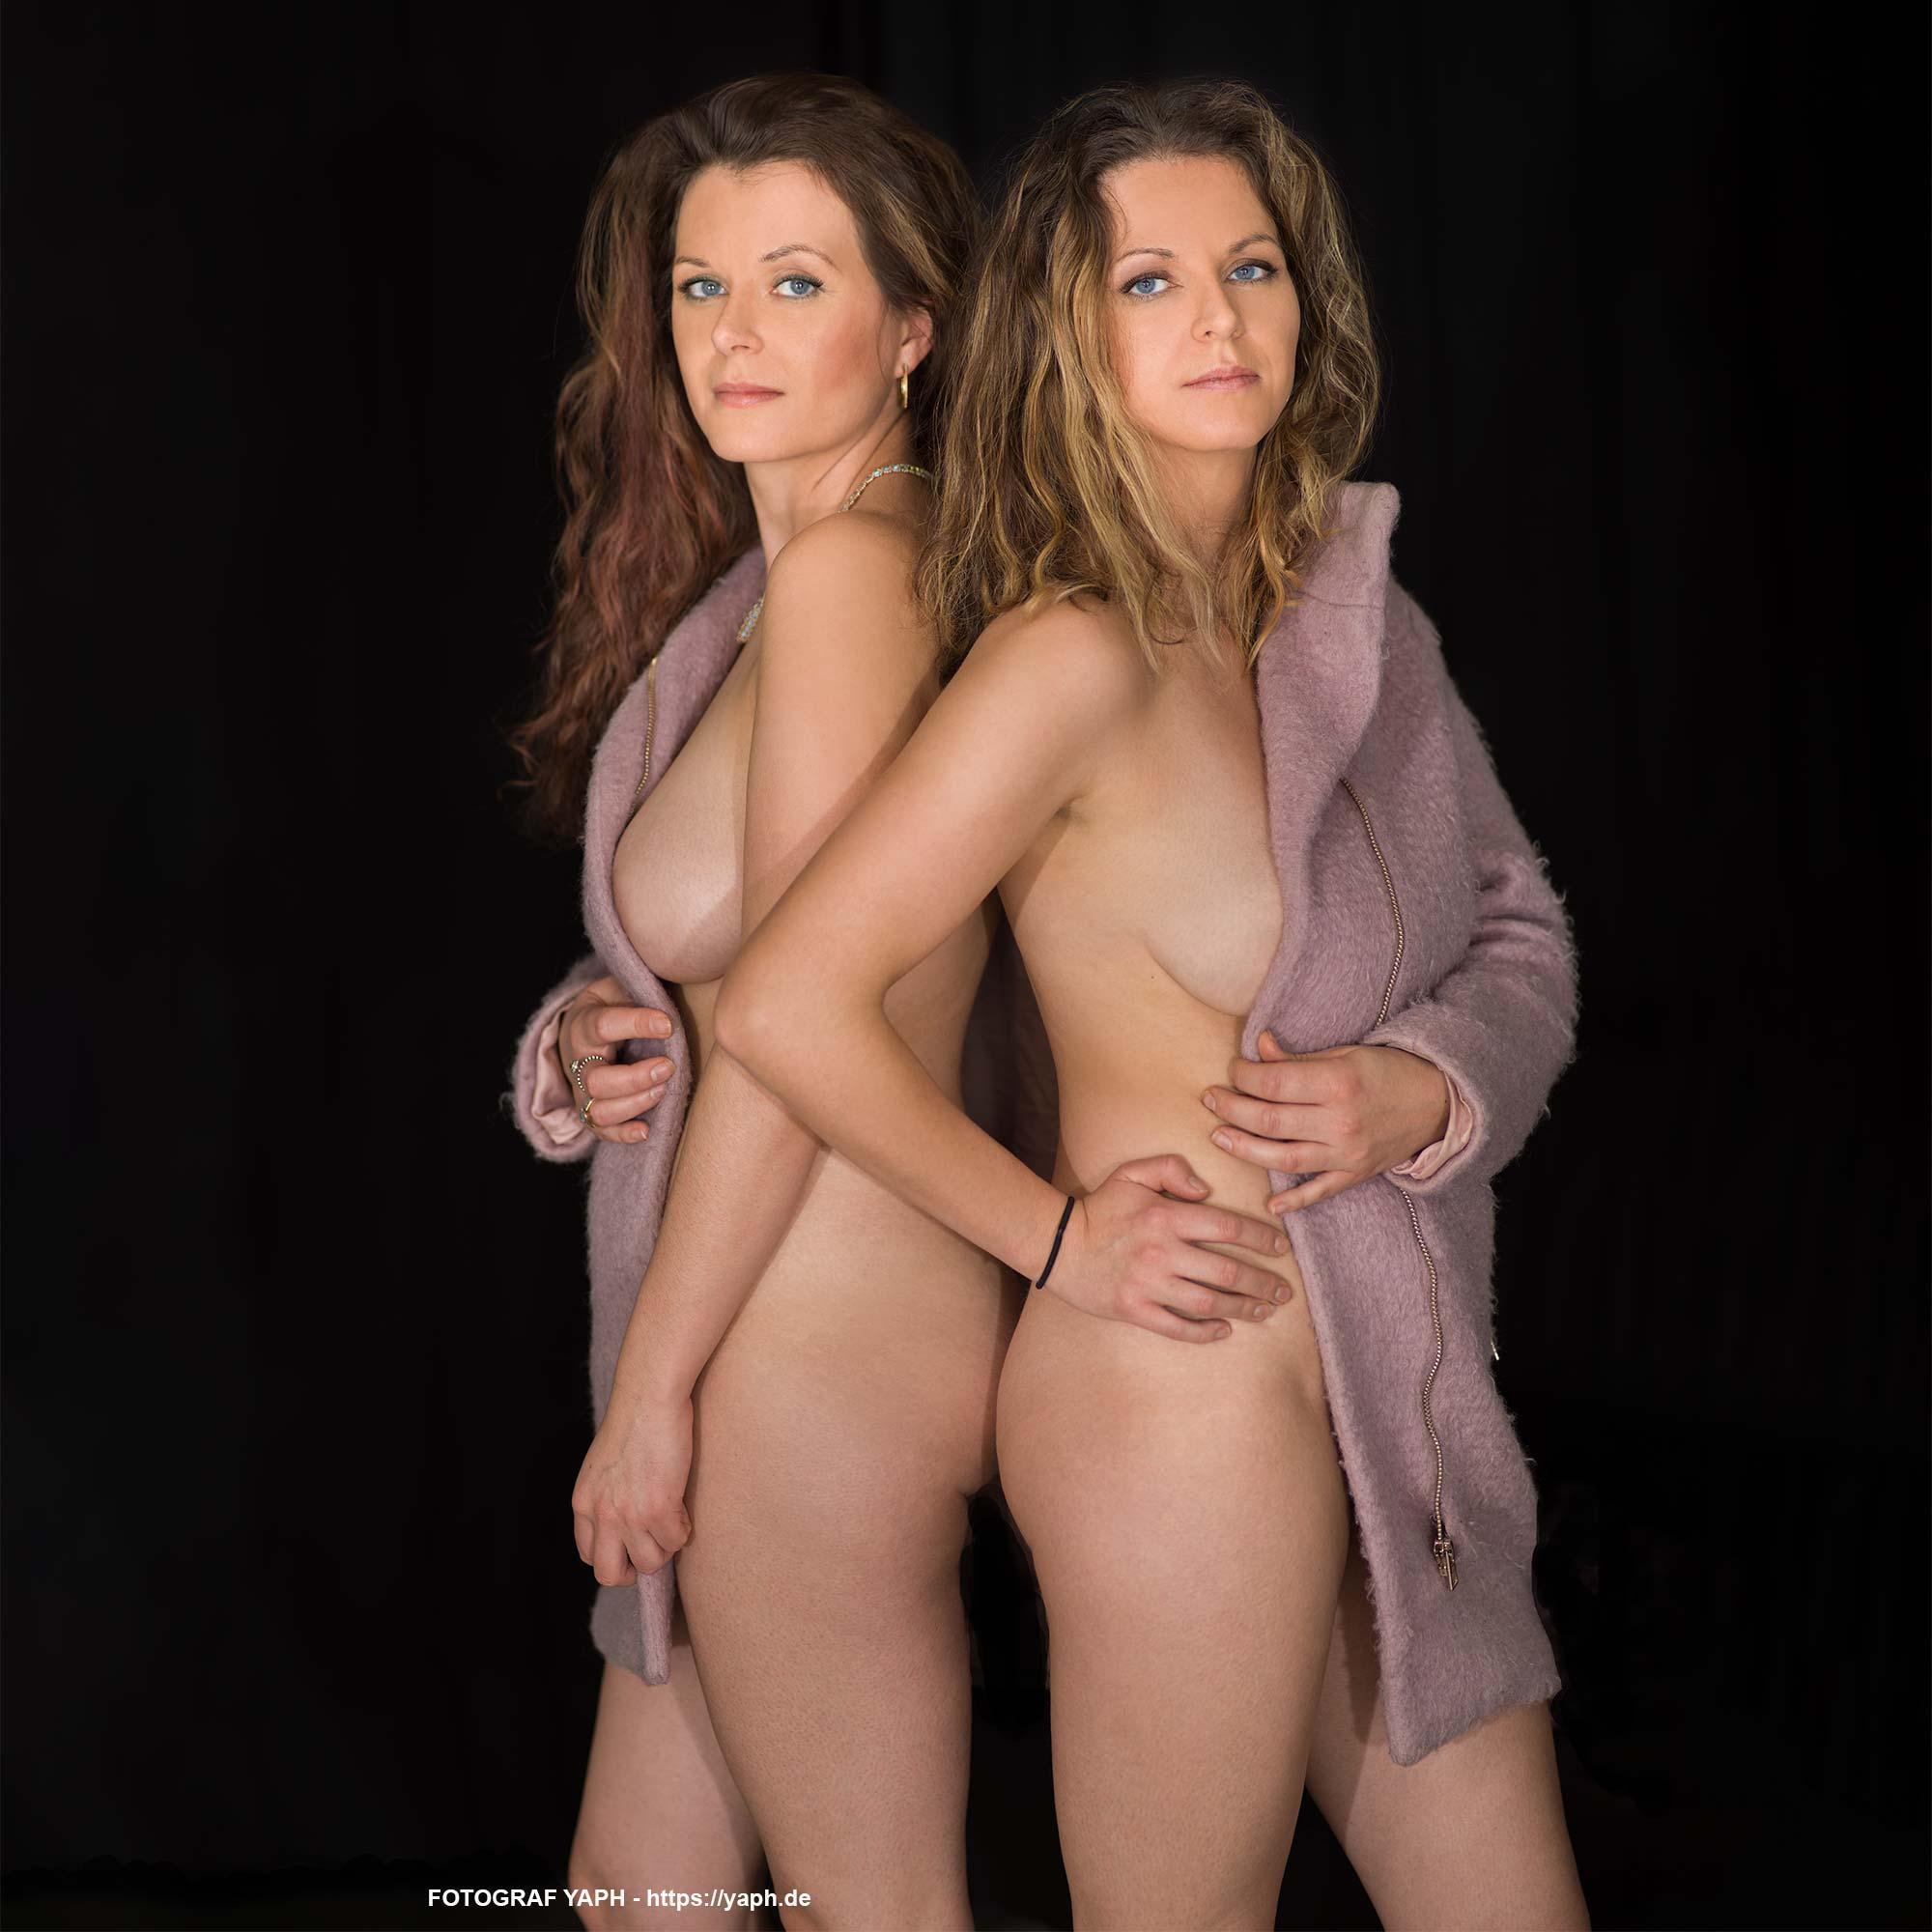 Beauty Fotoshooting mit zwei Zwillingsschwestern Anna und Lotte bei Yaph Fotograf